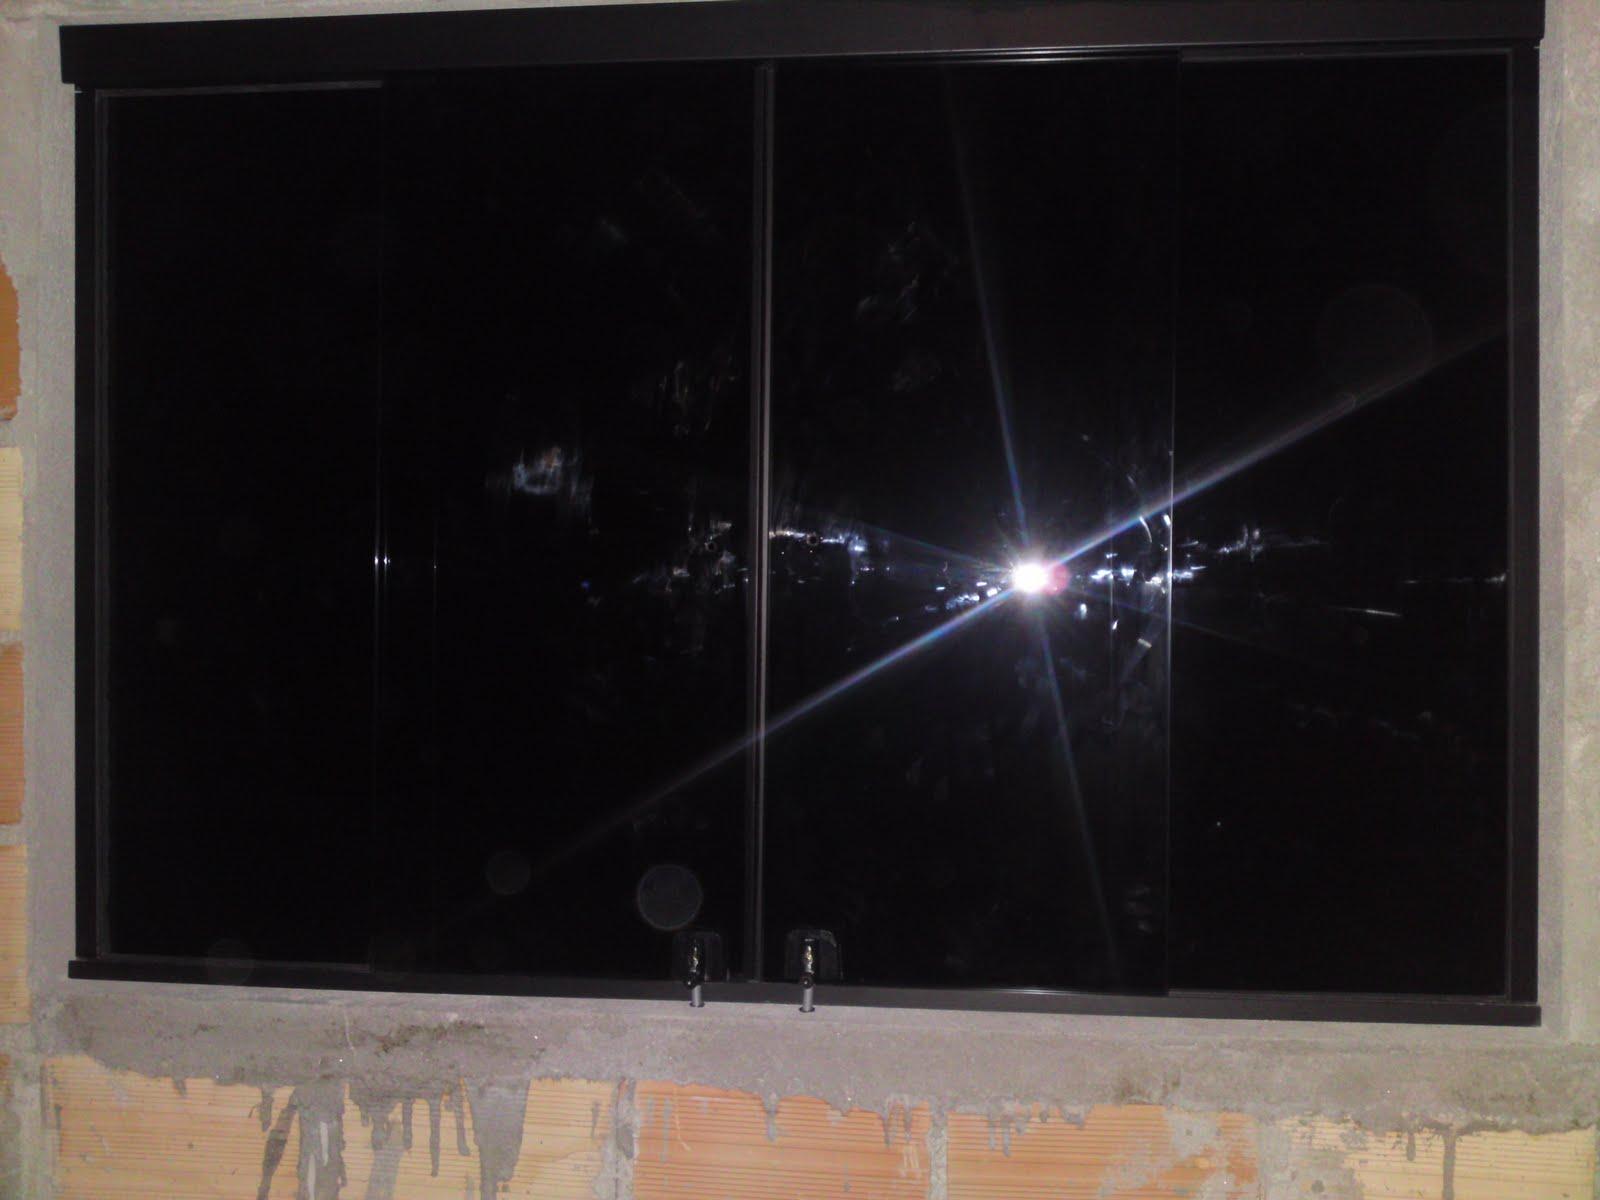 #876144 quarta feira 8 de fevereiro de 2012 fumê janela temperado vidro 0  324 Janelas De Vidro Temperado Fume Preço